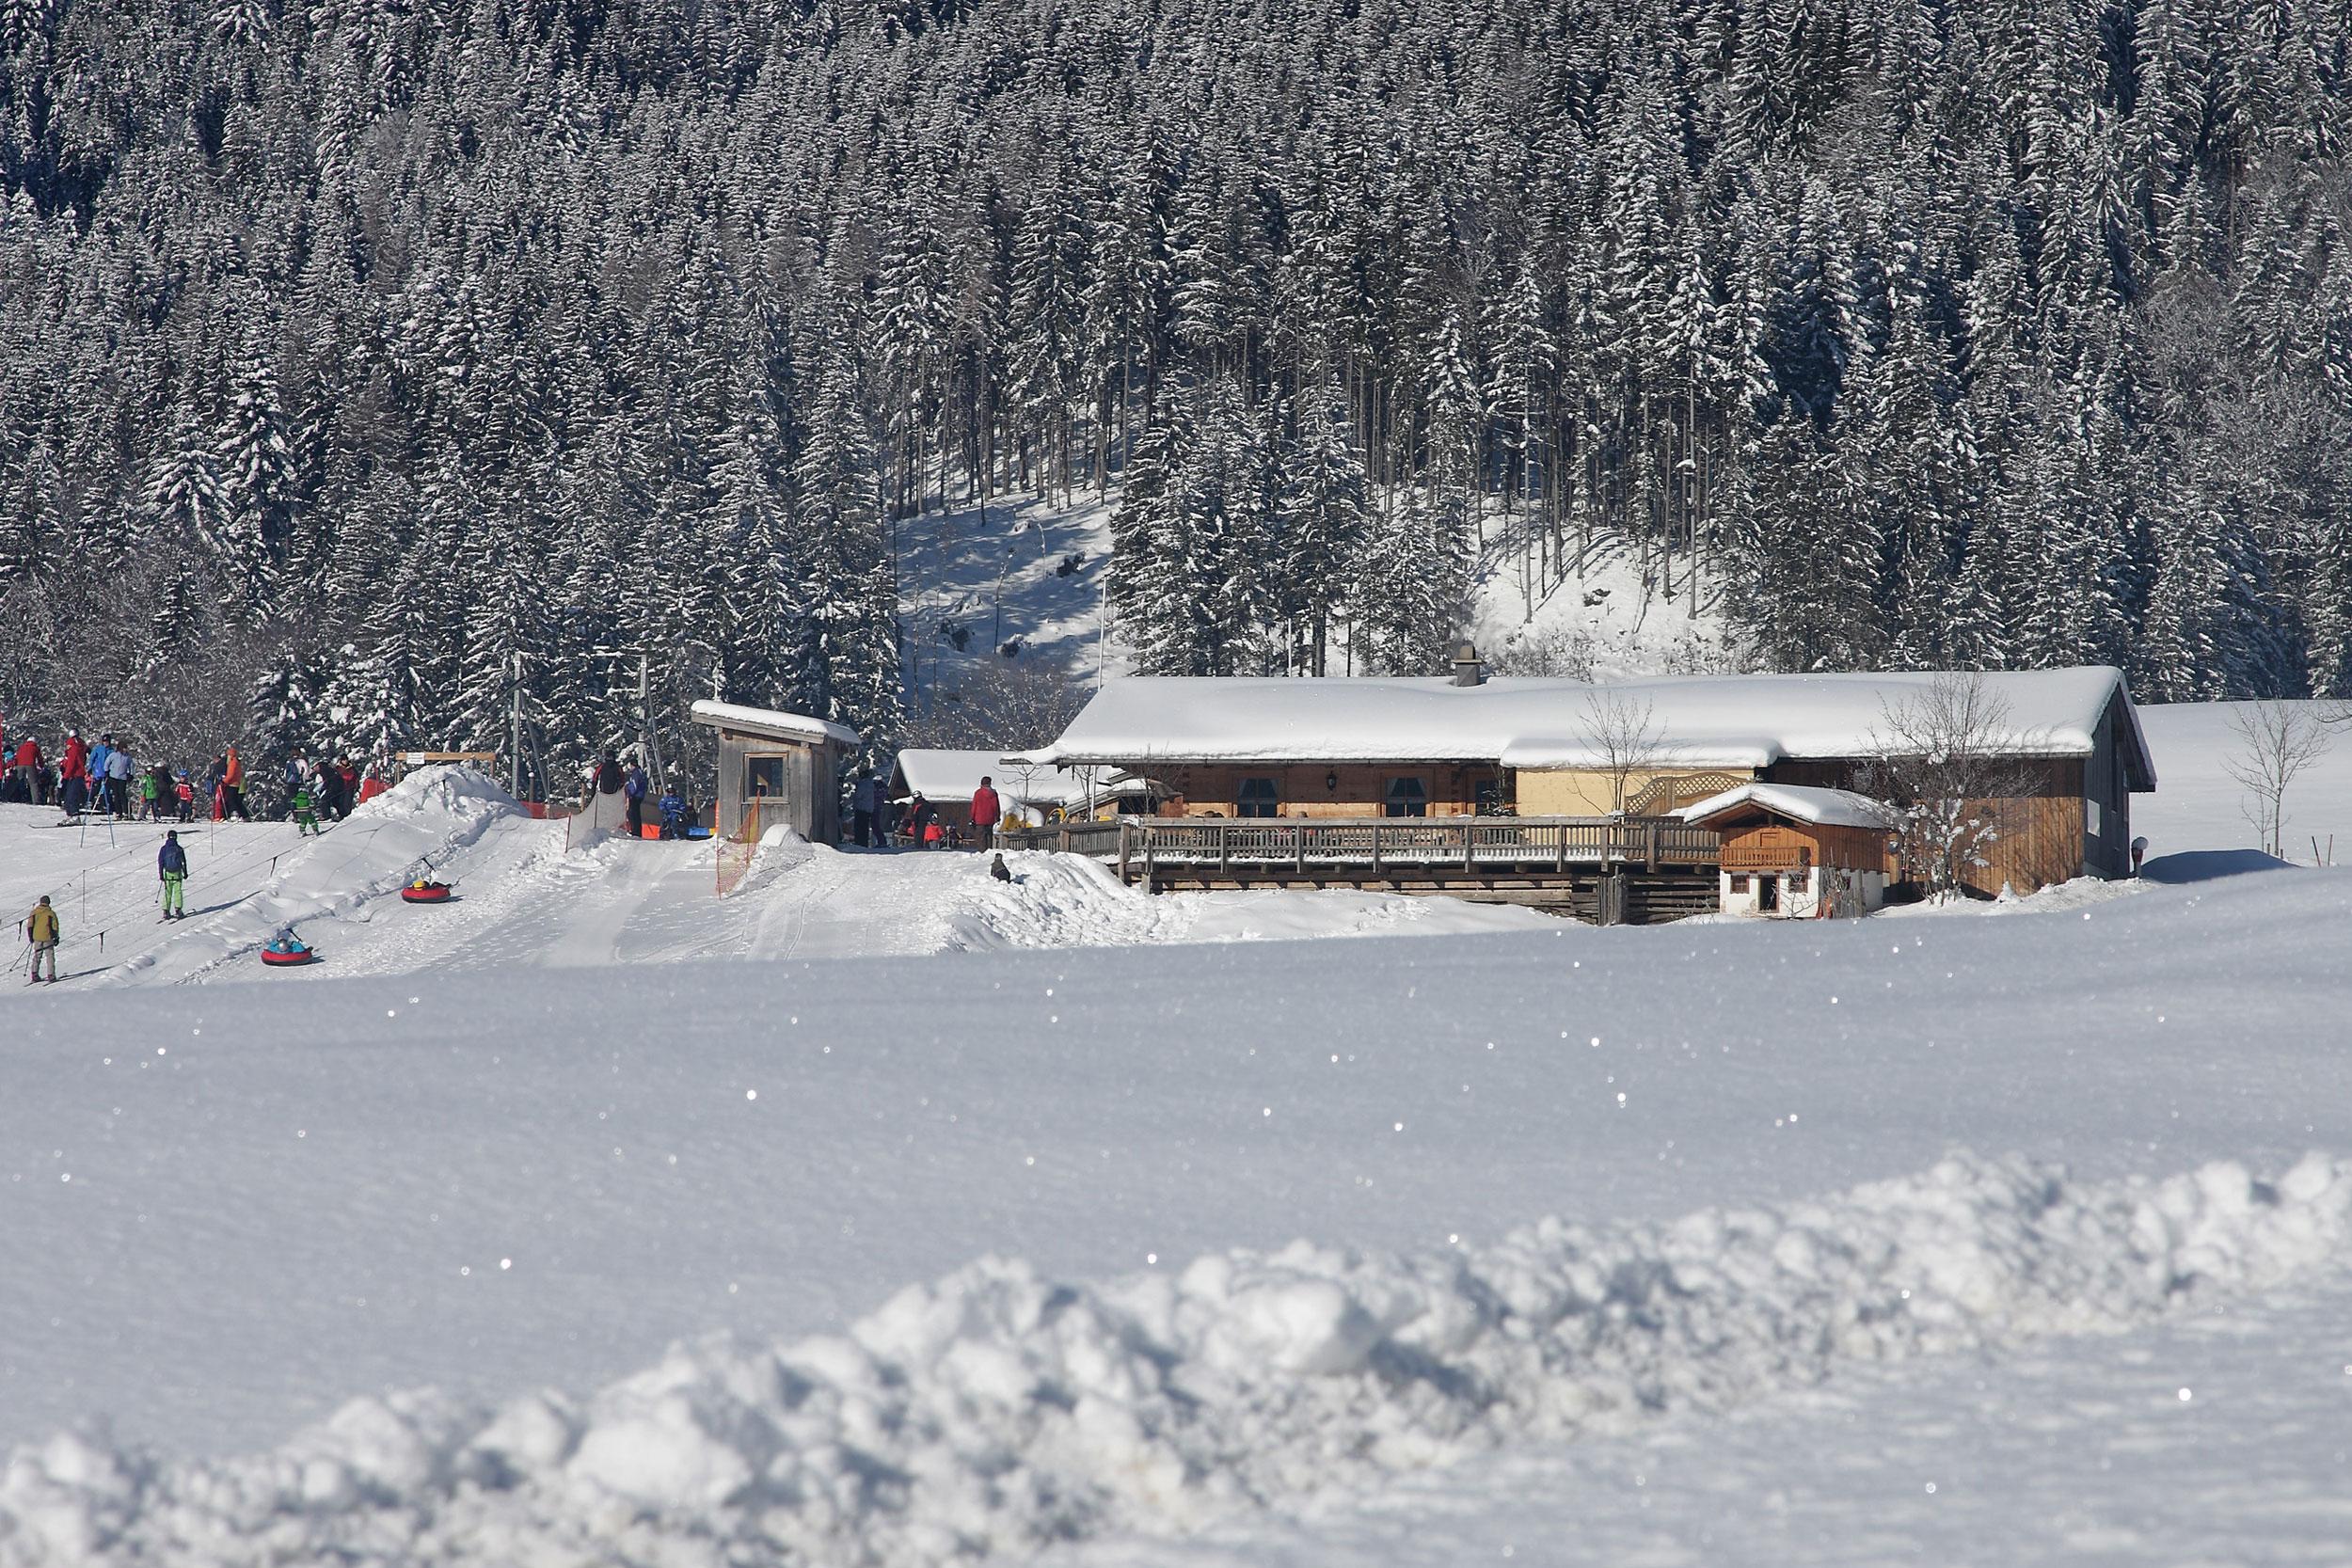 inzell-winter-reifenrutschen-kesselalm_1_1